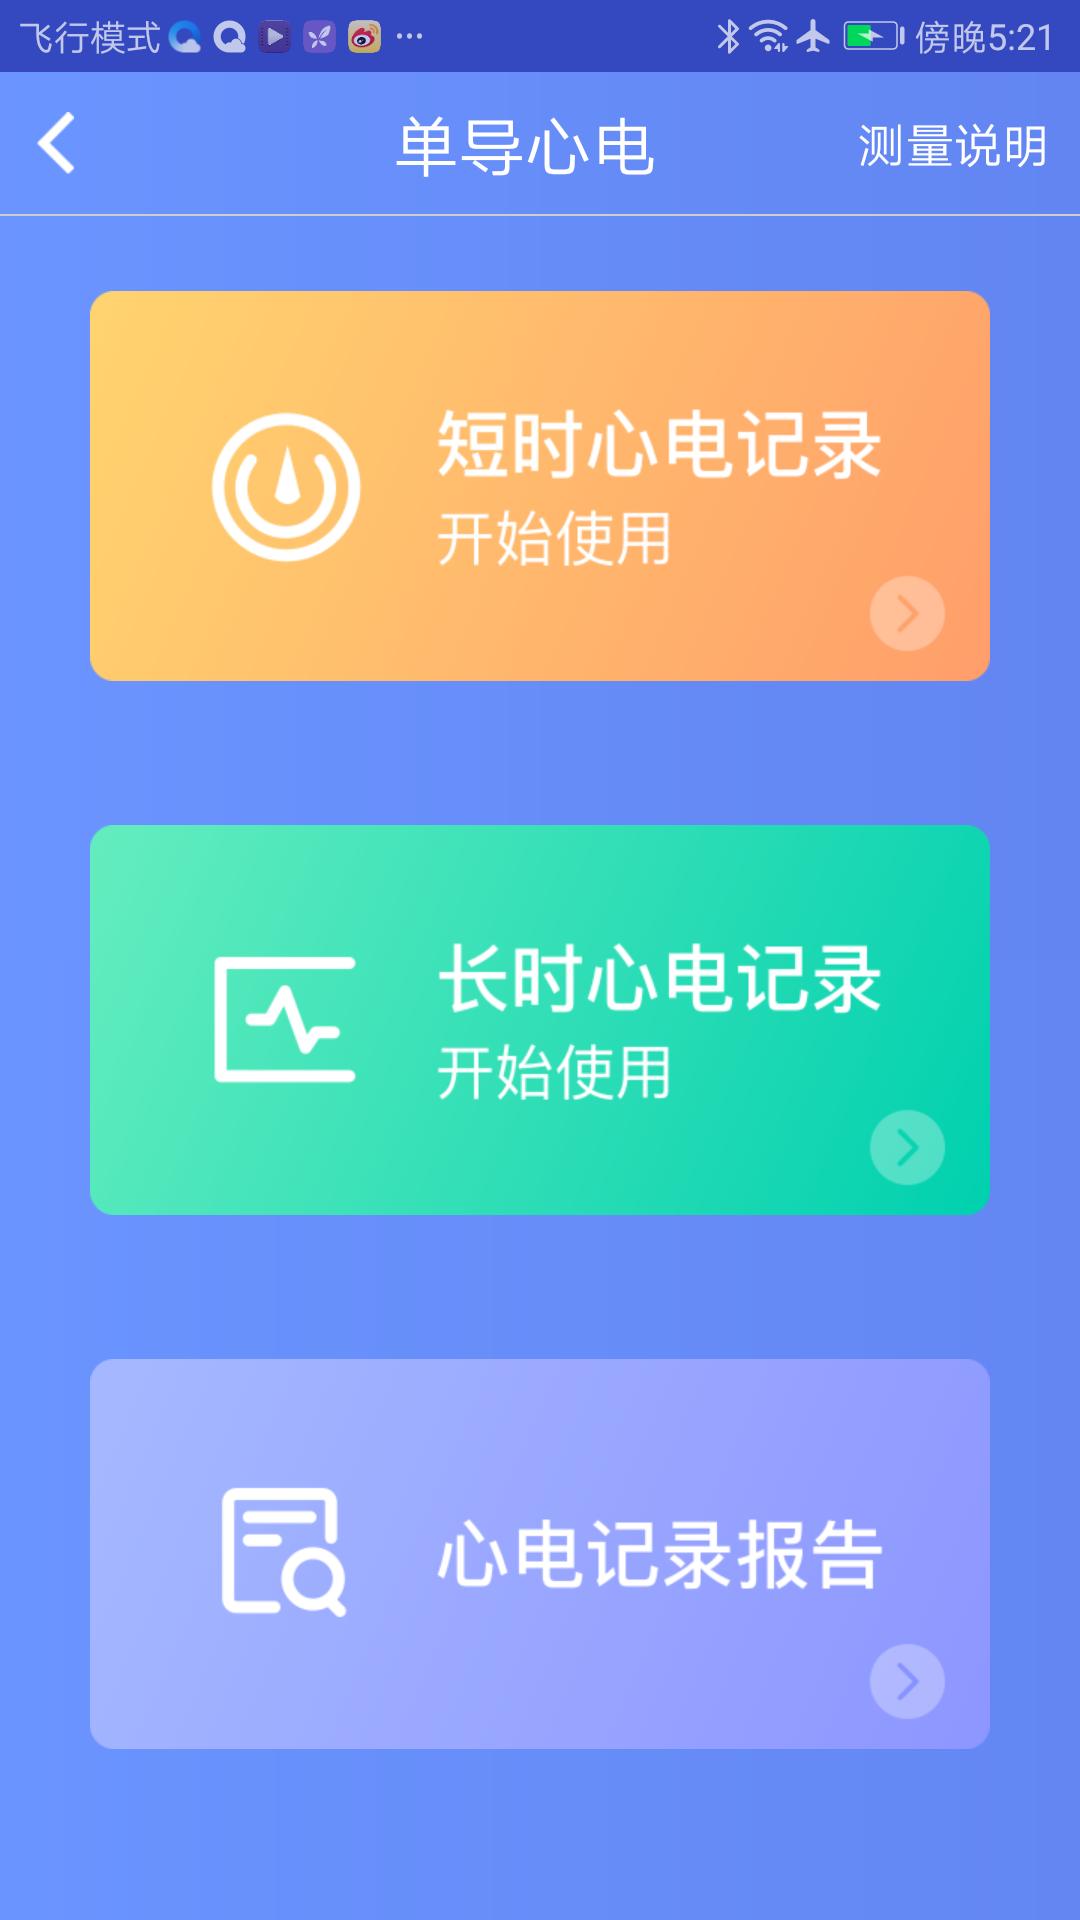 武大云医app图片2